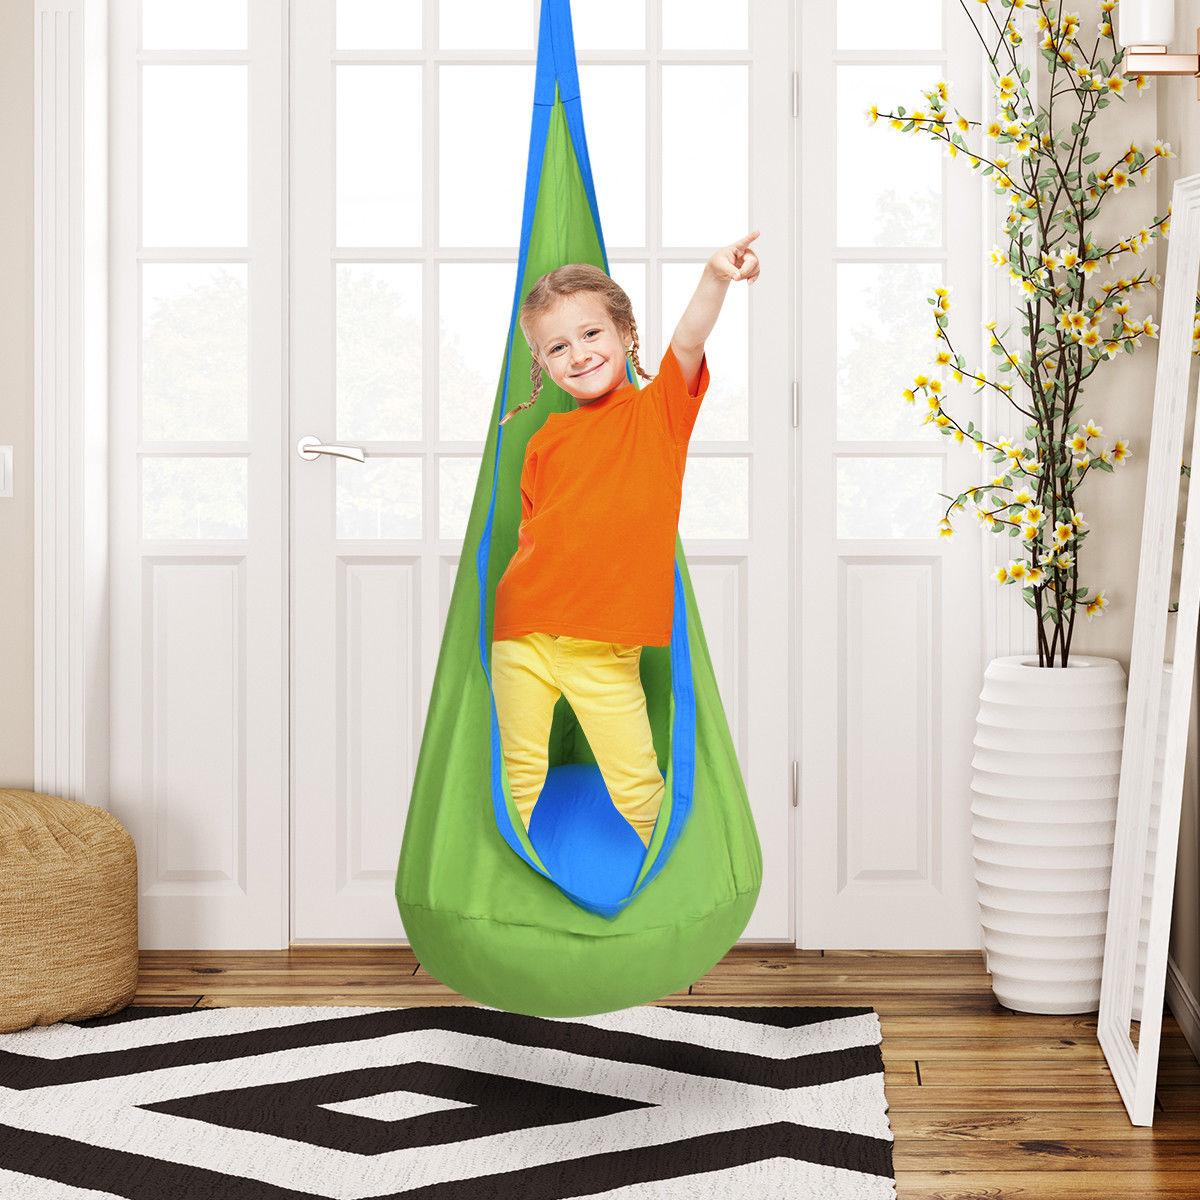 Costway Child Pod Swing Chair Tent Nook Indoor Outdoor Hanging Seat Hammock  Kids 2